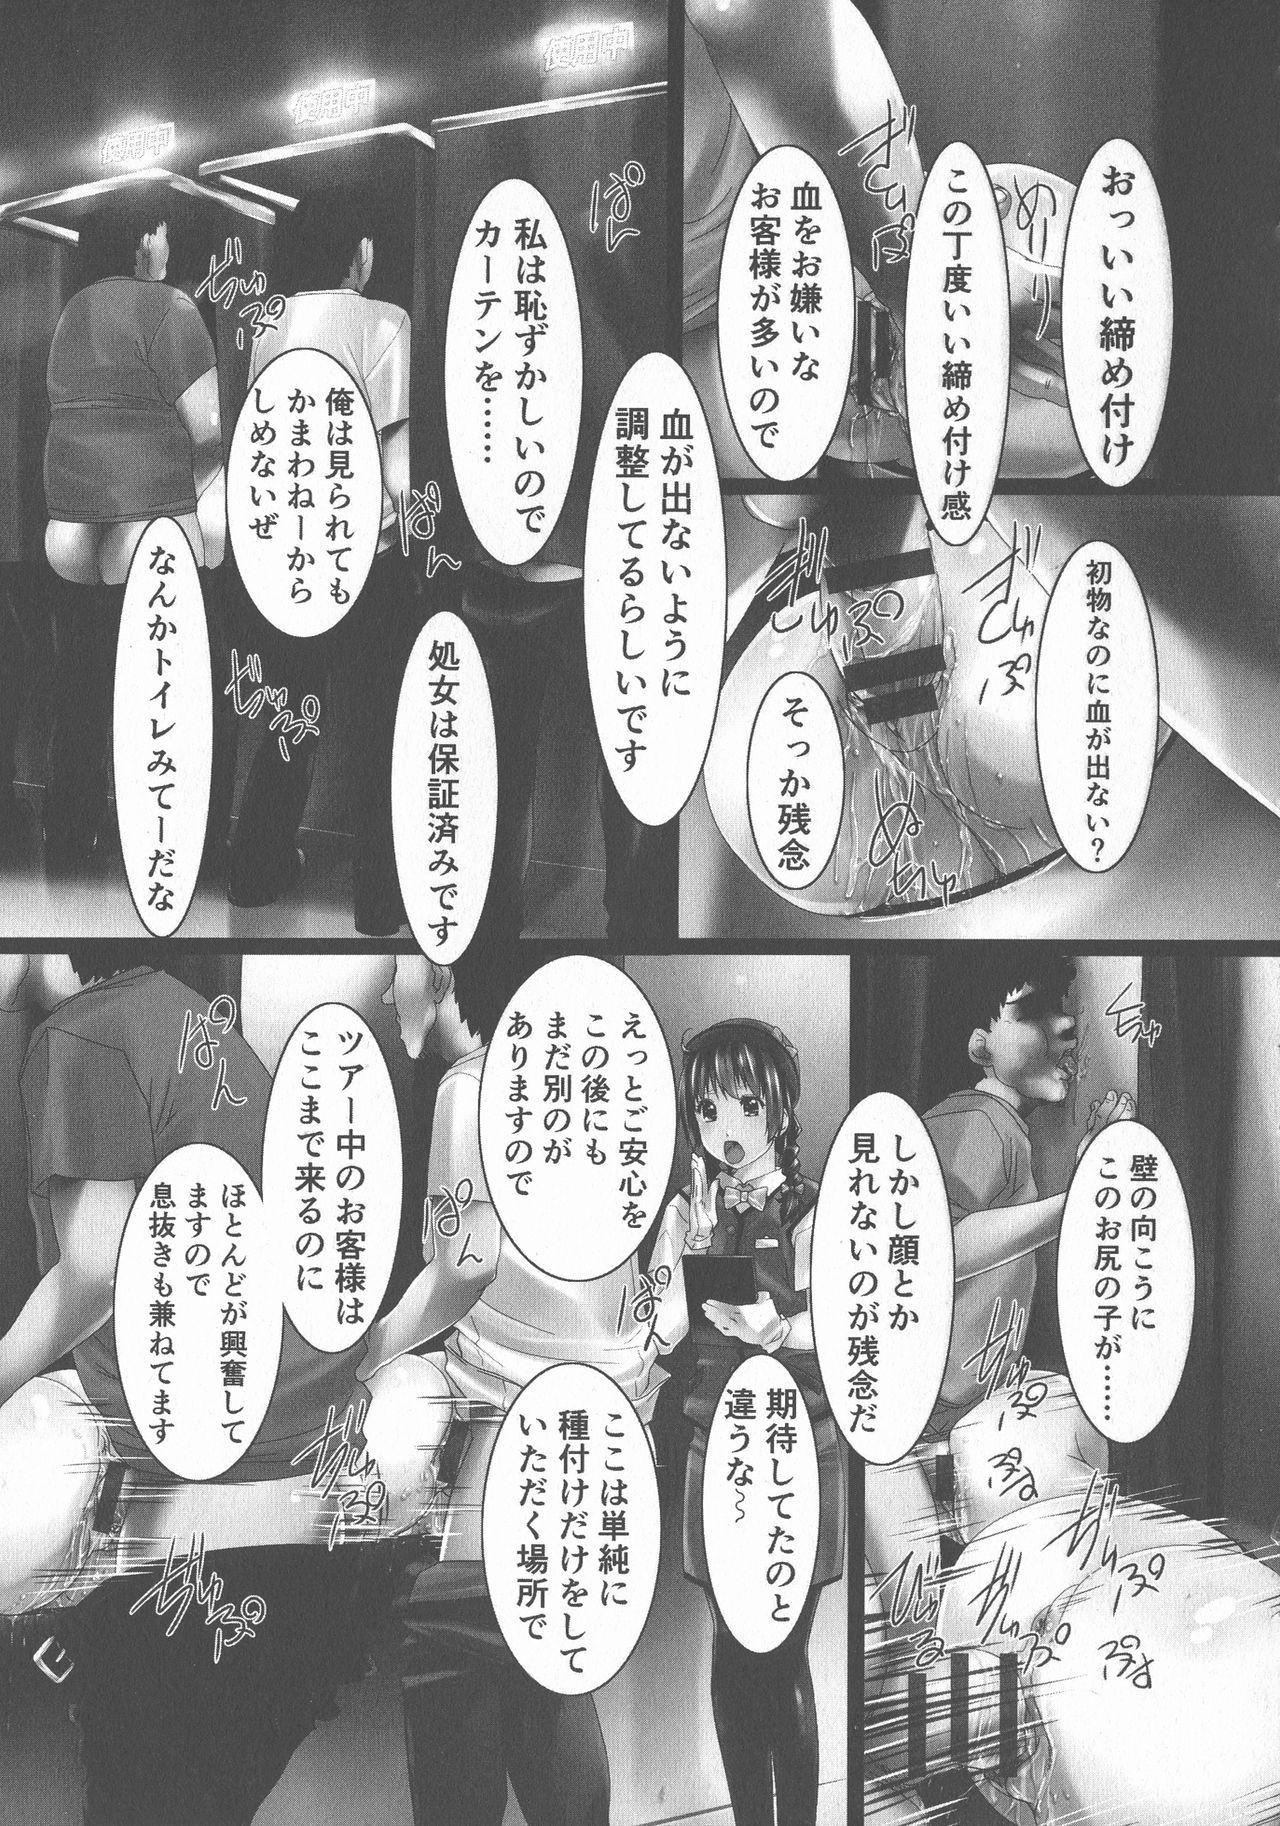 Jochiku no Utage 66